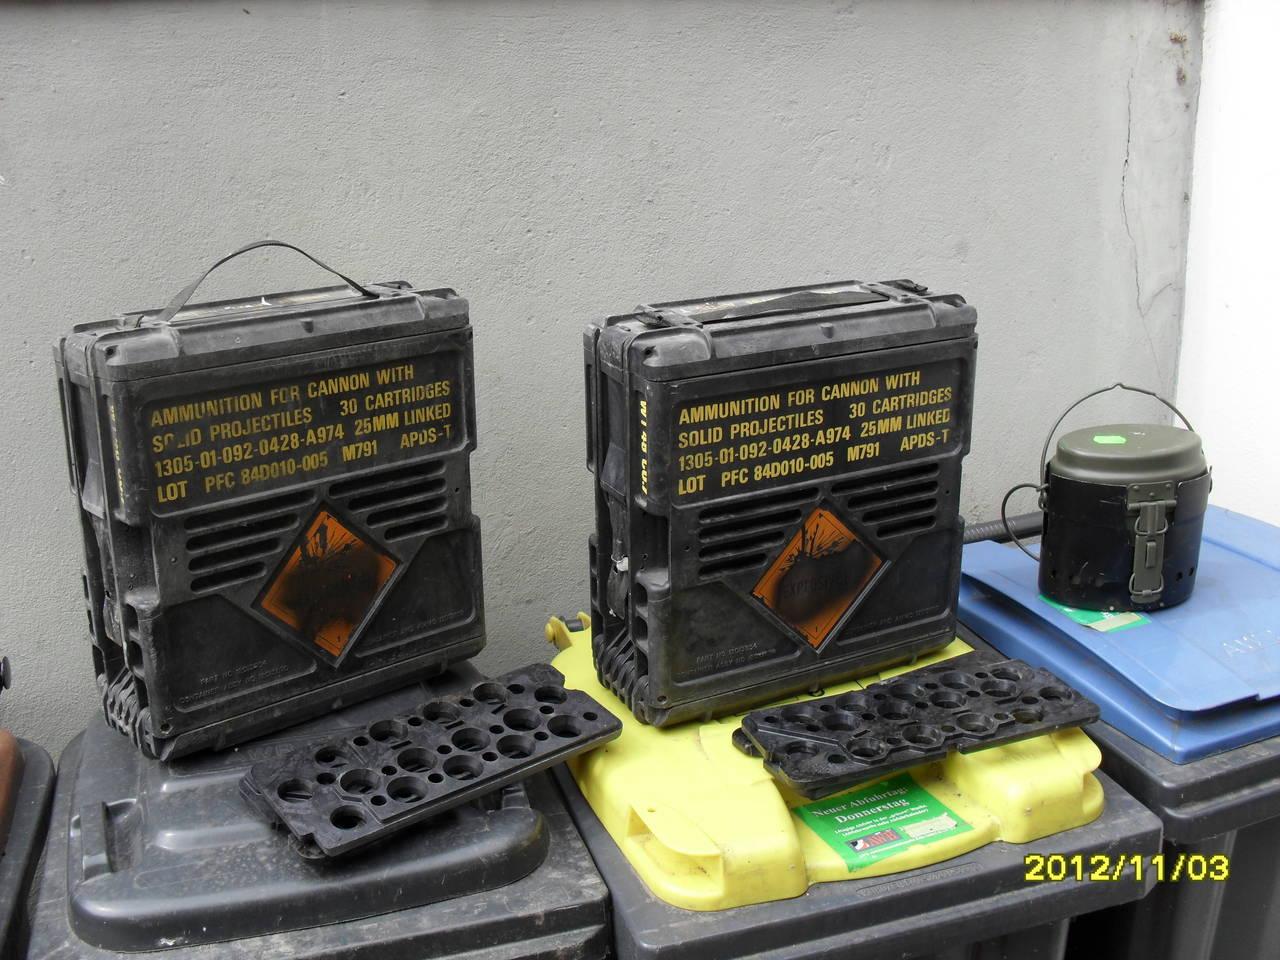 Munitionskoffer von millitaerbestaende.de gebraucht